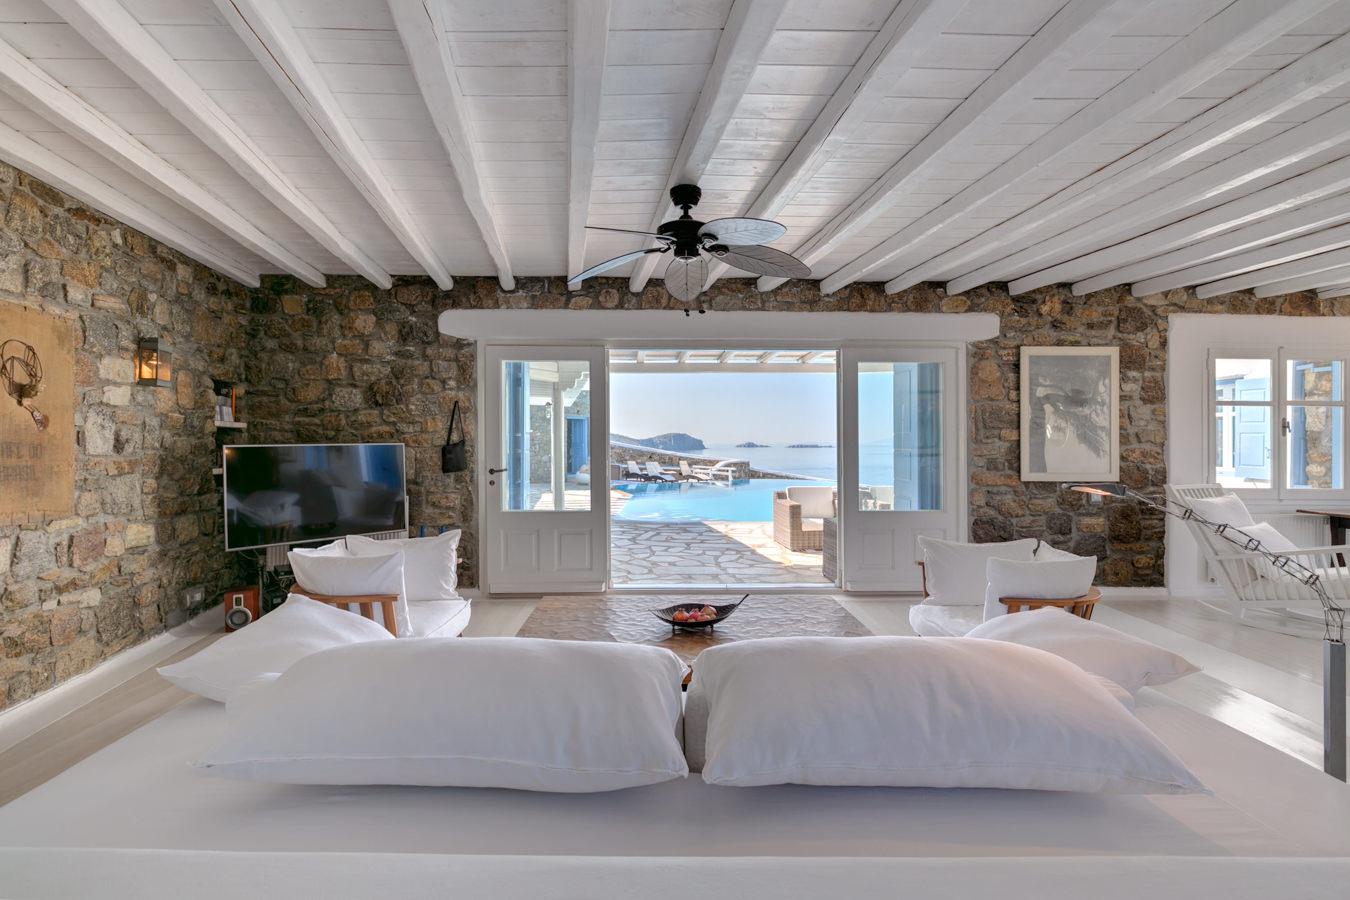 Mykonos Villa, Γιώργος Φάκαρος - Αρχιτεκτονική Φωτογραφία | Εσωτερικοί Χώροι | Φωτογραφία Ξενοδοχειών - Photography / Φωτογραφία